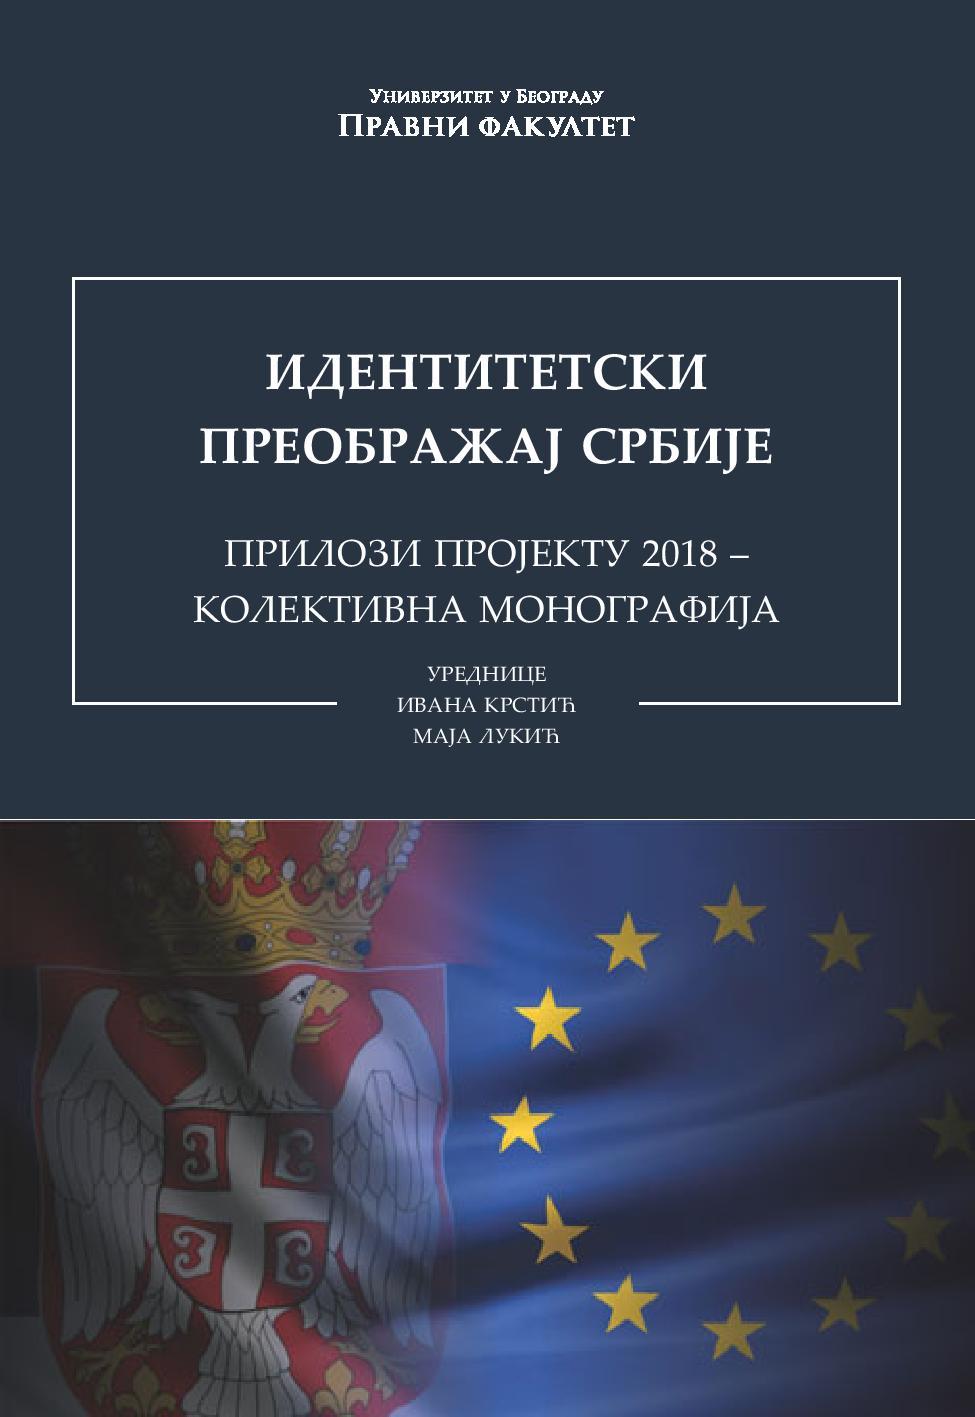 2018 – зборник радова Идентитетски преображај Србије